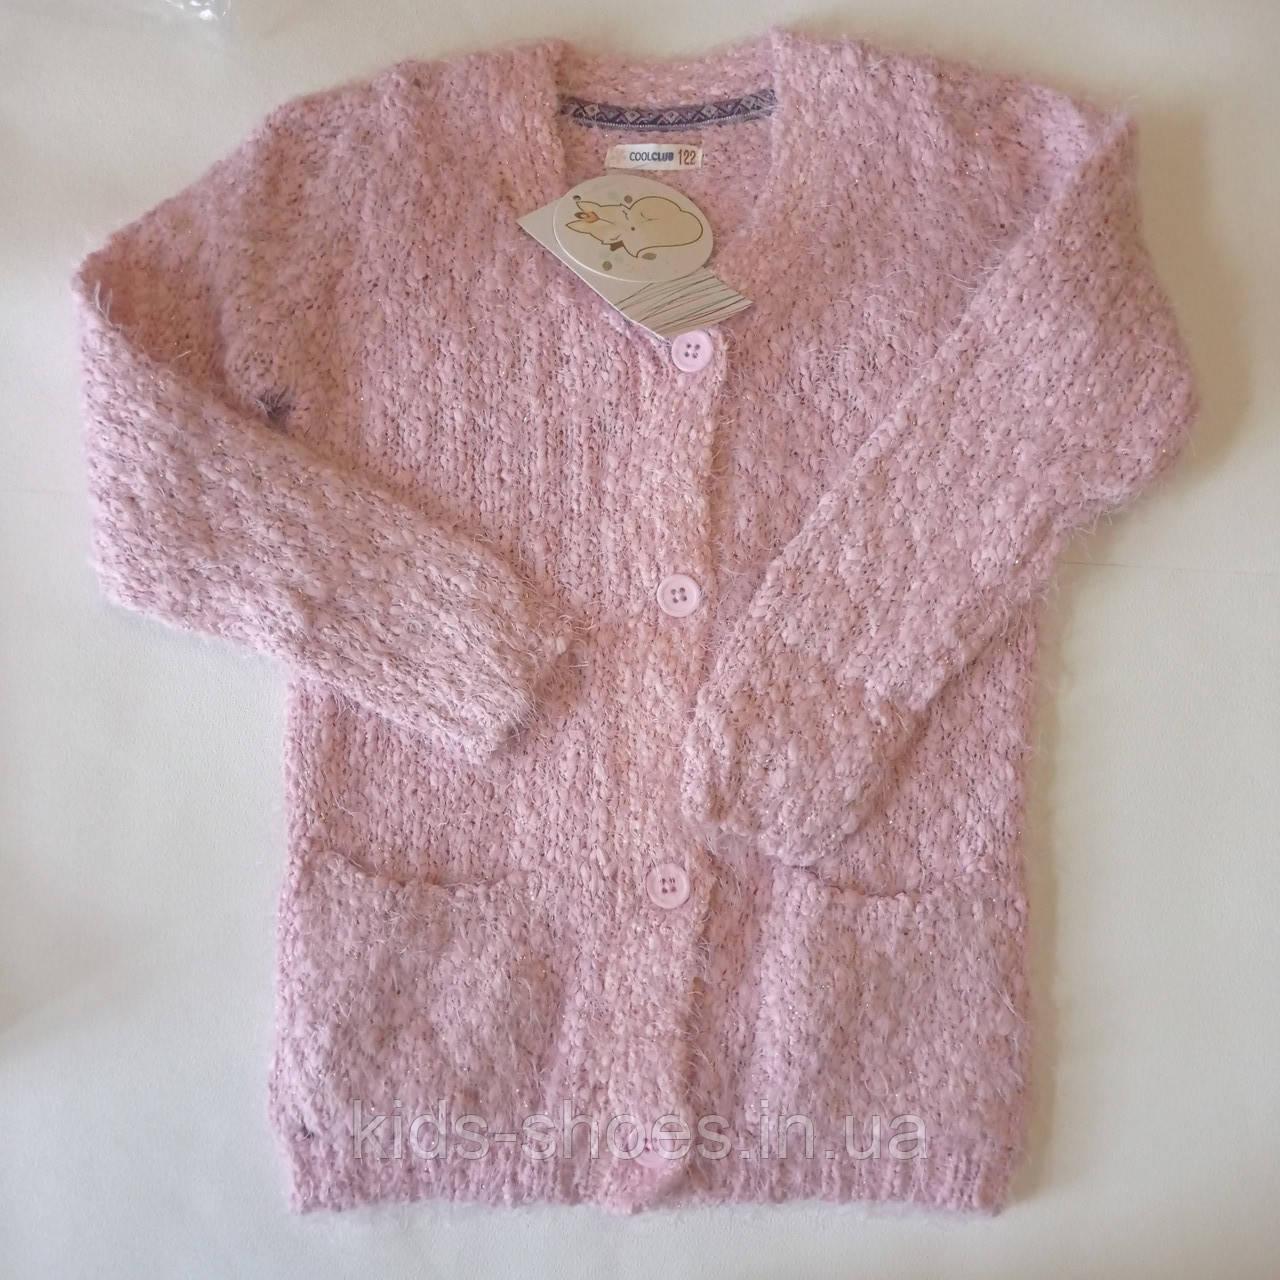 Детская вязаная кофта кардиган розовая для девочки 122 рост Cool Club